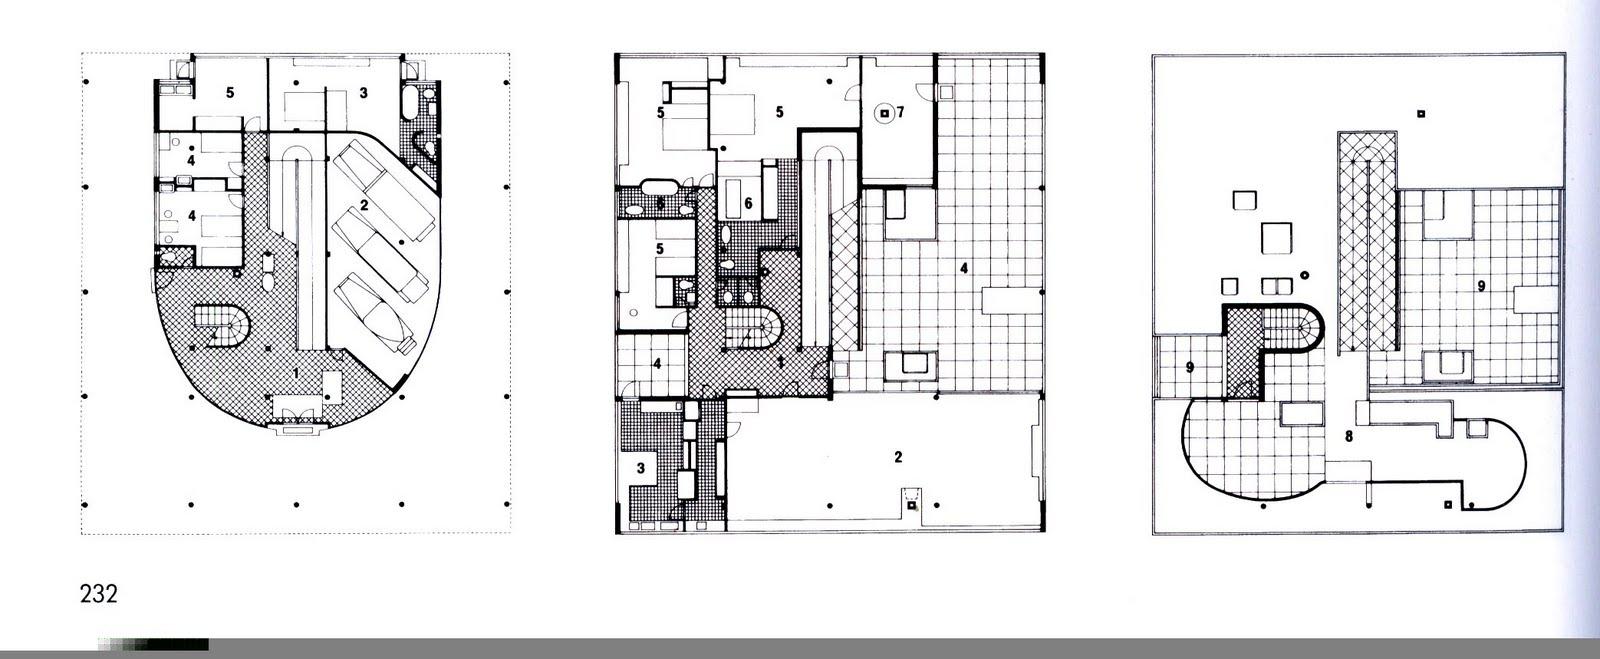 Villa Savoye Le Corbusier Floor Plan b2-plan villa savoye.j...